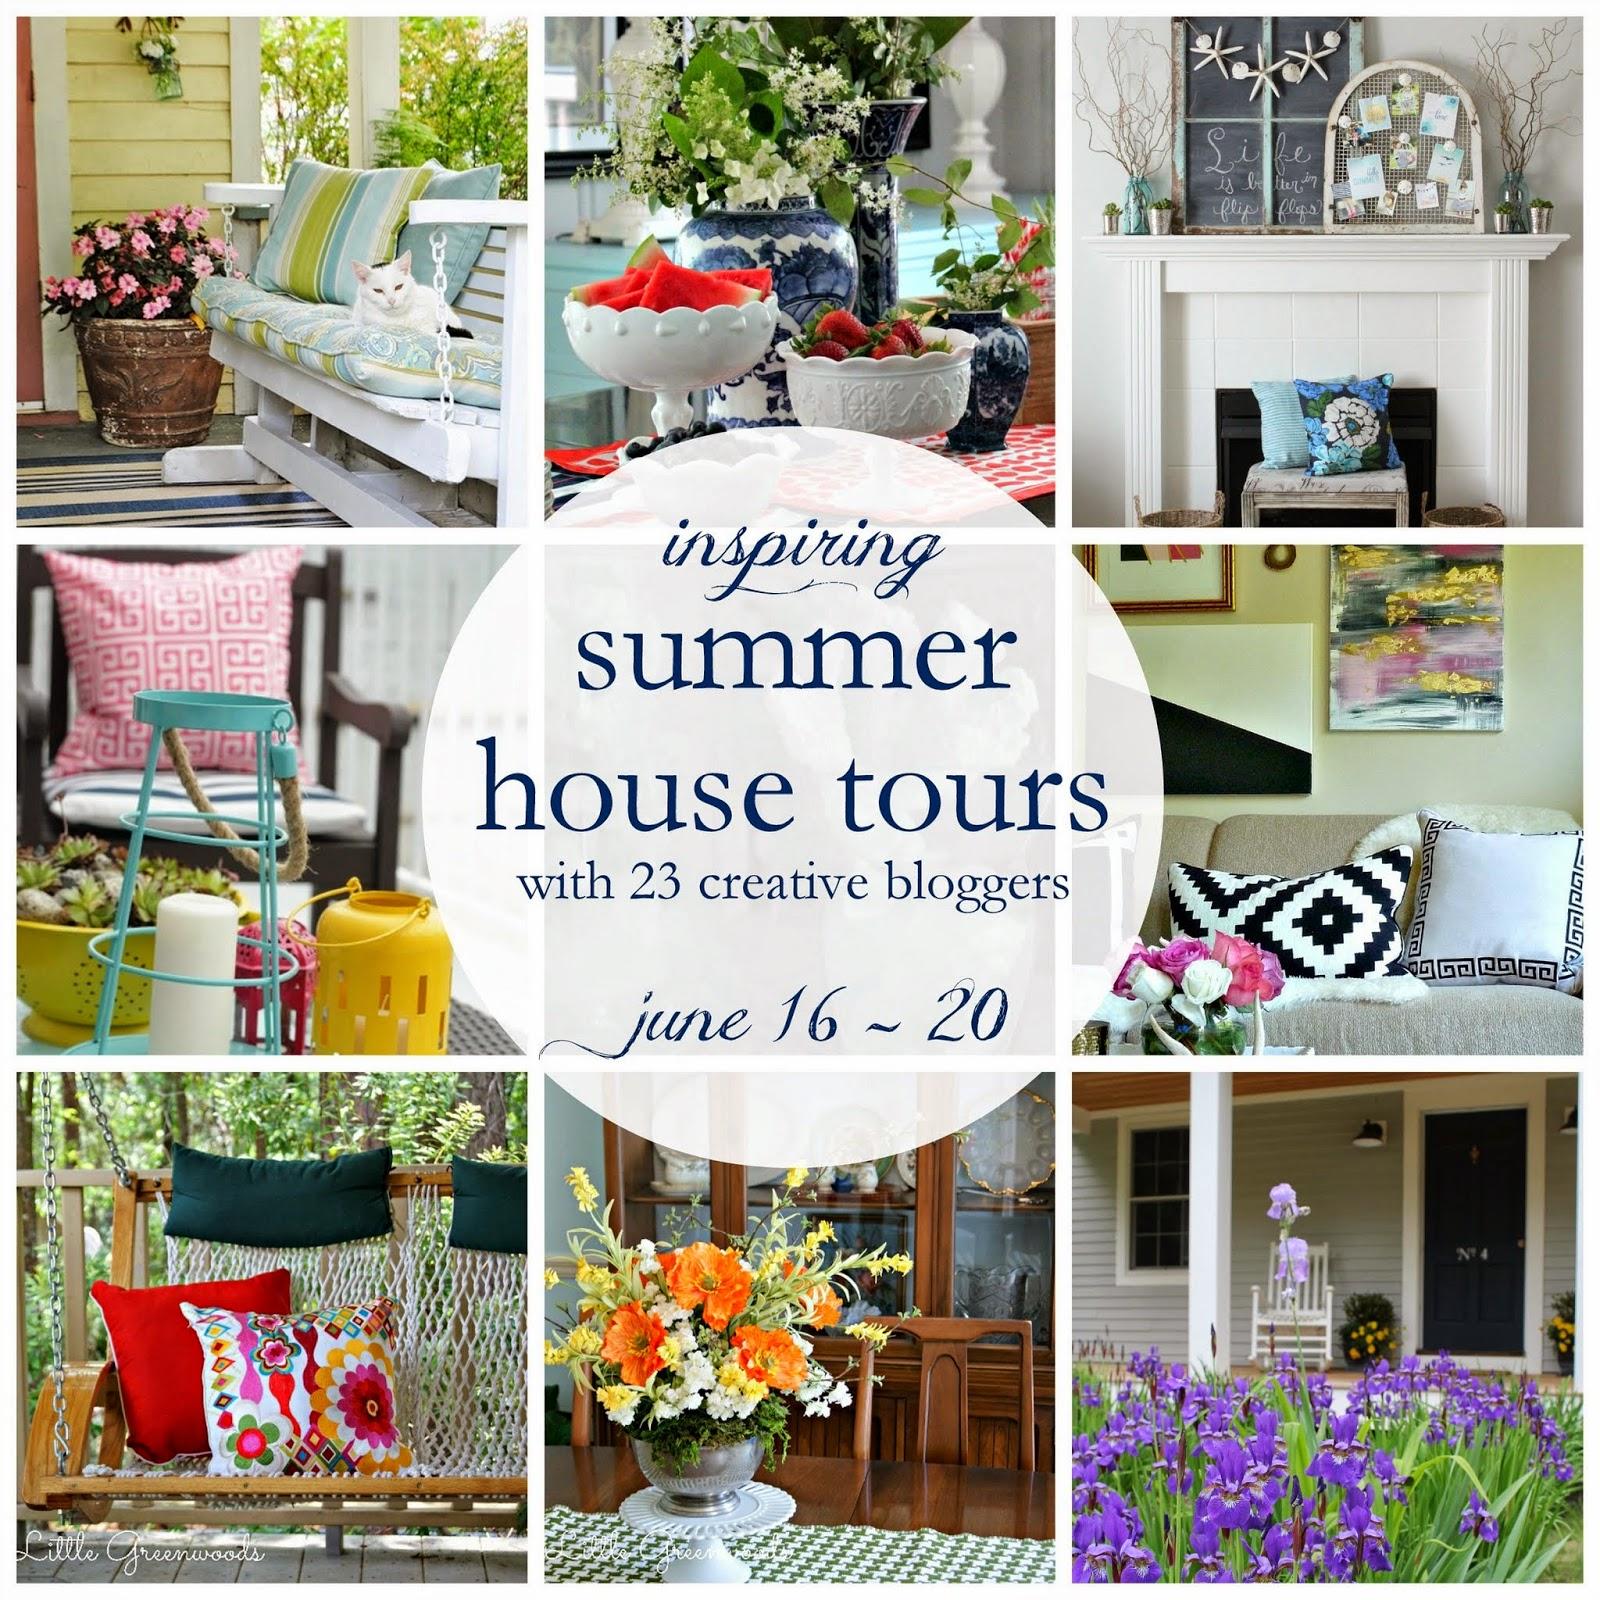 Inspiring Summer House Tour 2014